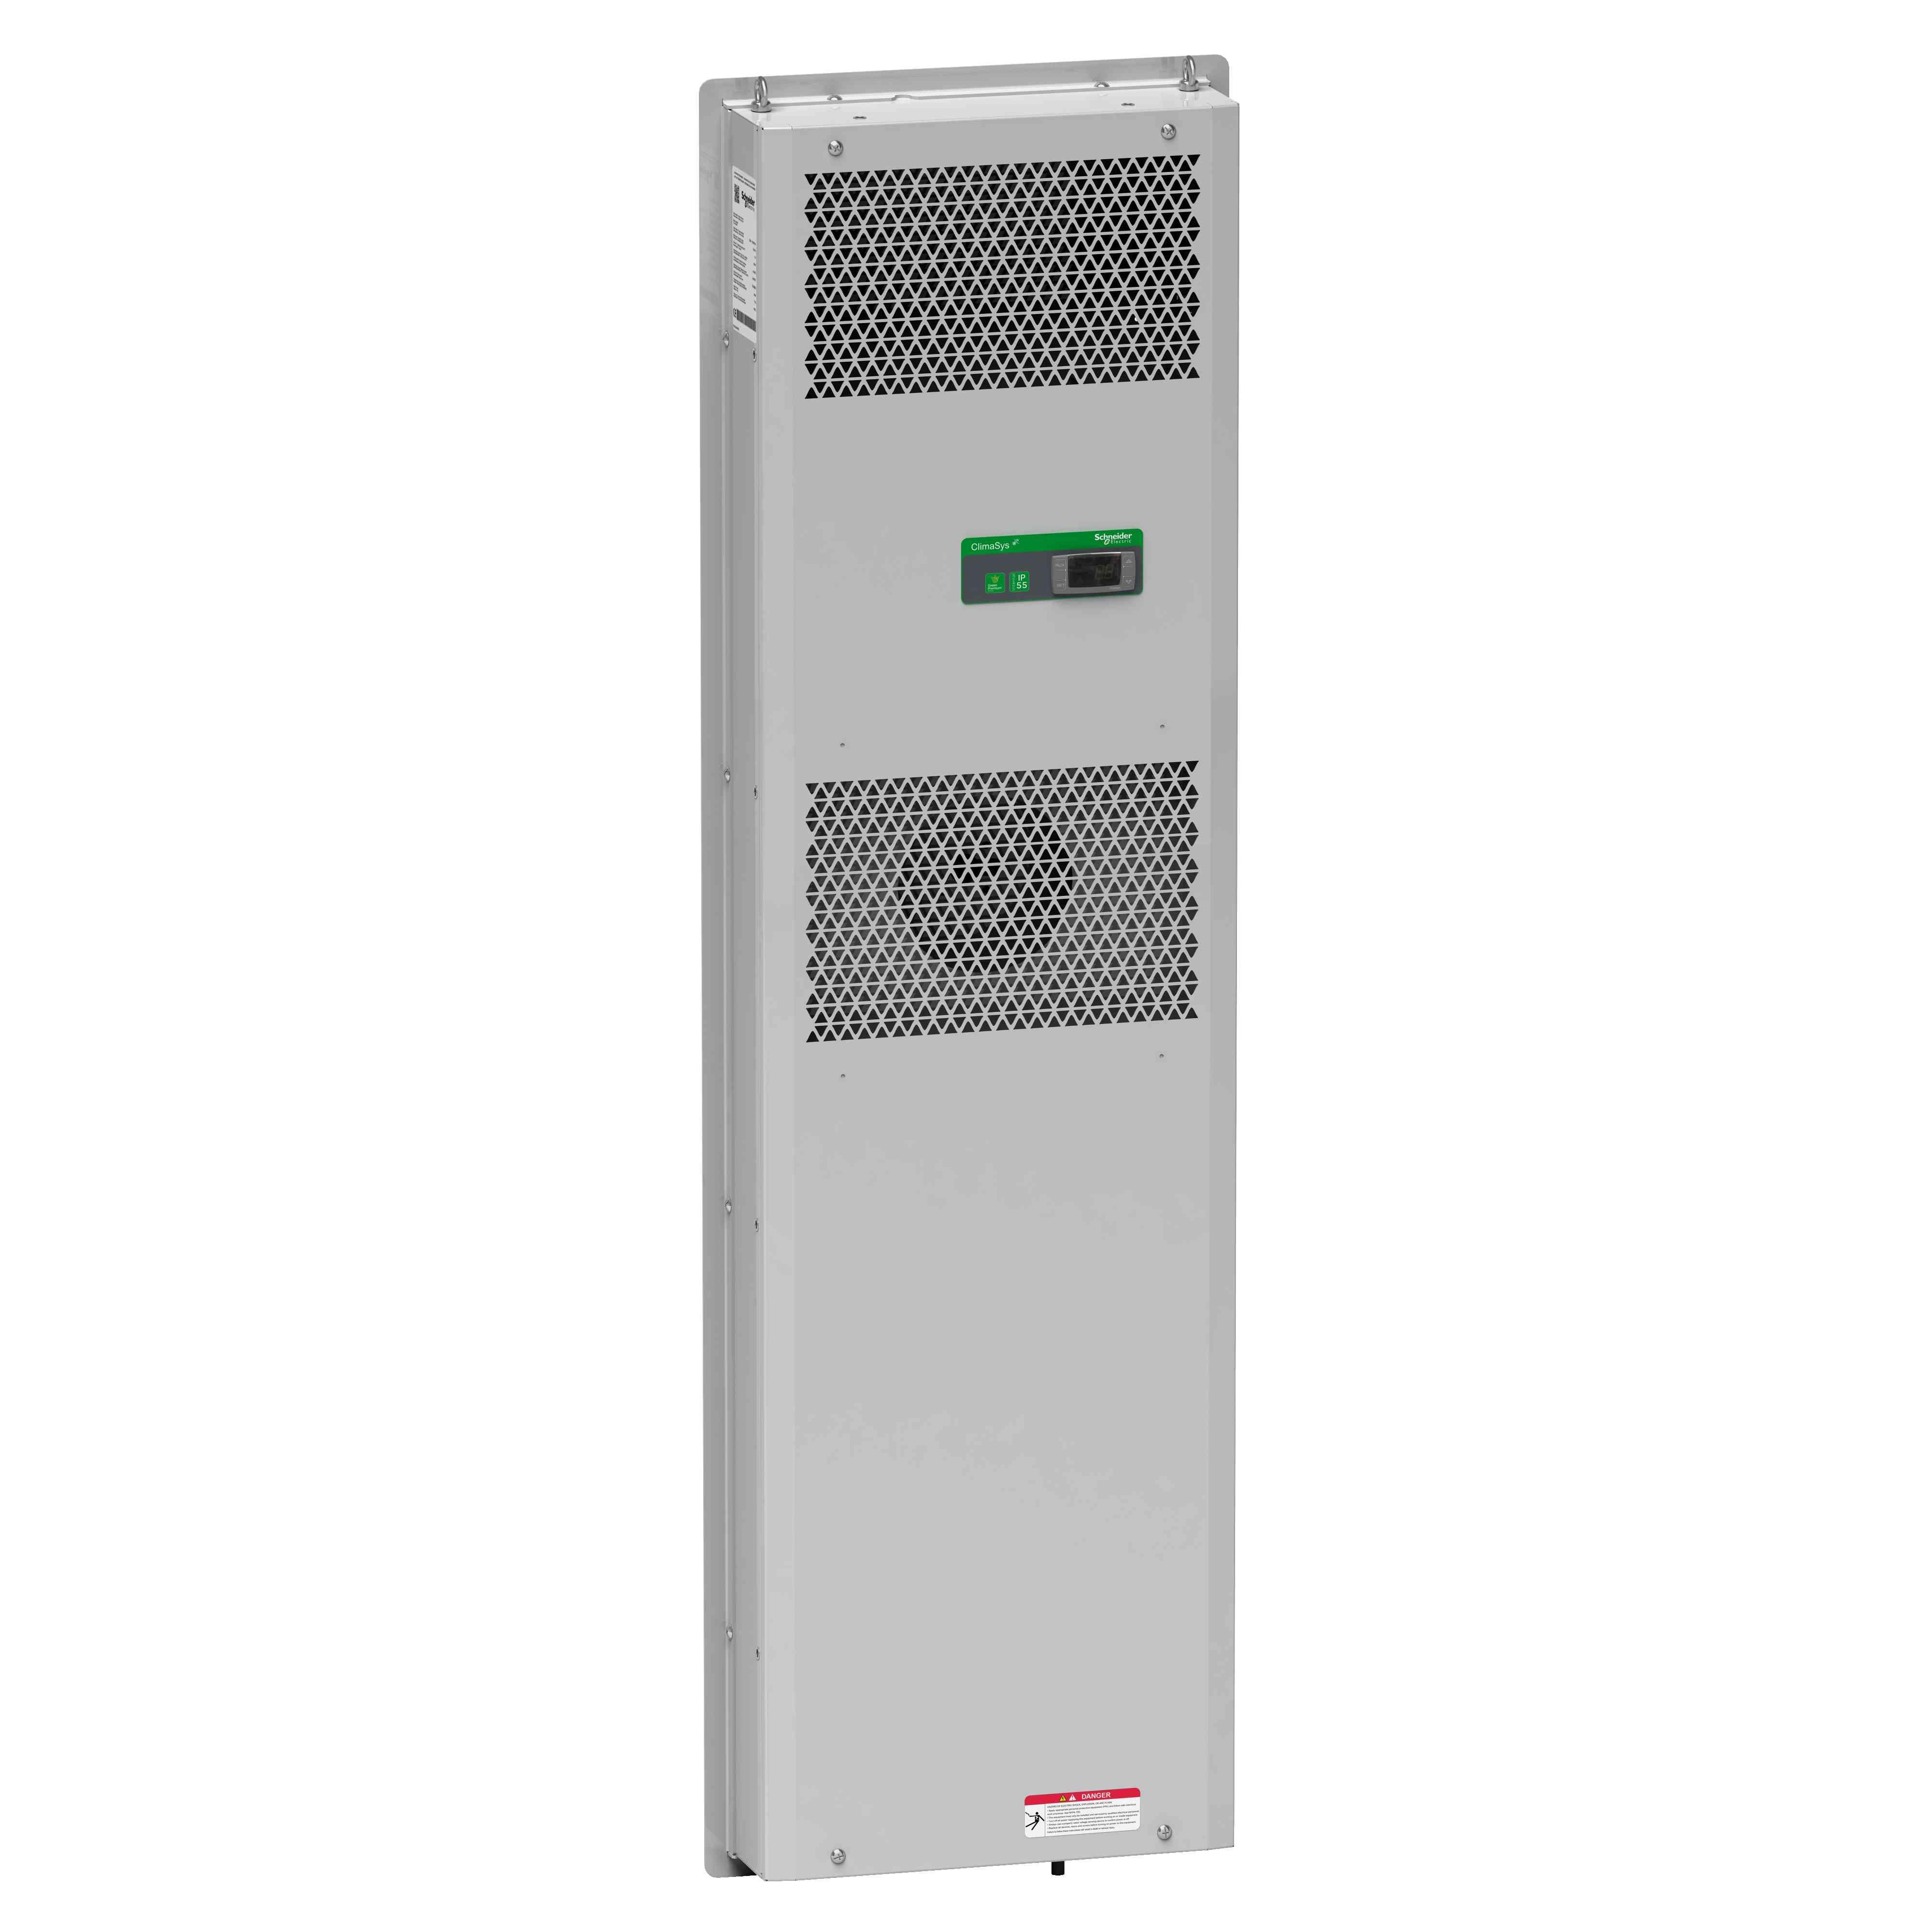 Blok s tanko notranjo hladilno enoto ClimaSys - 1100 W pri 230 V - UL